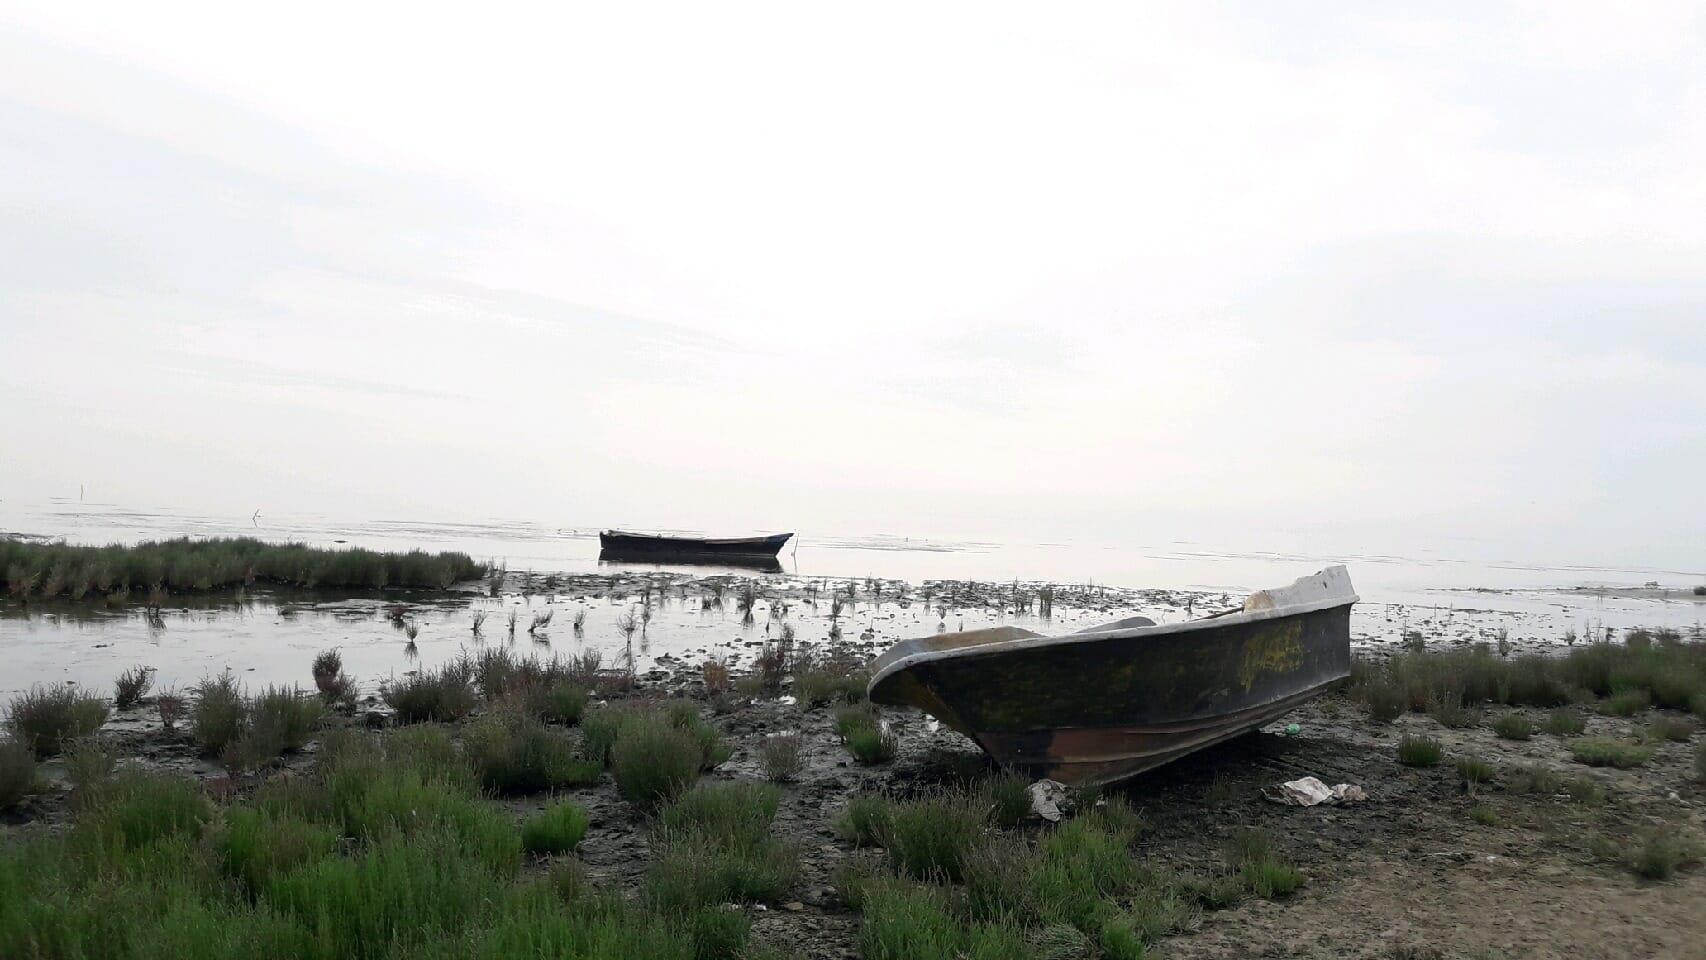 لایروبی کانالهای آبرسان خلیج گرگان مبنای علمی دارد